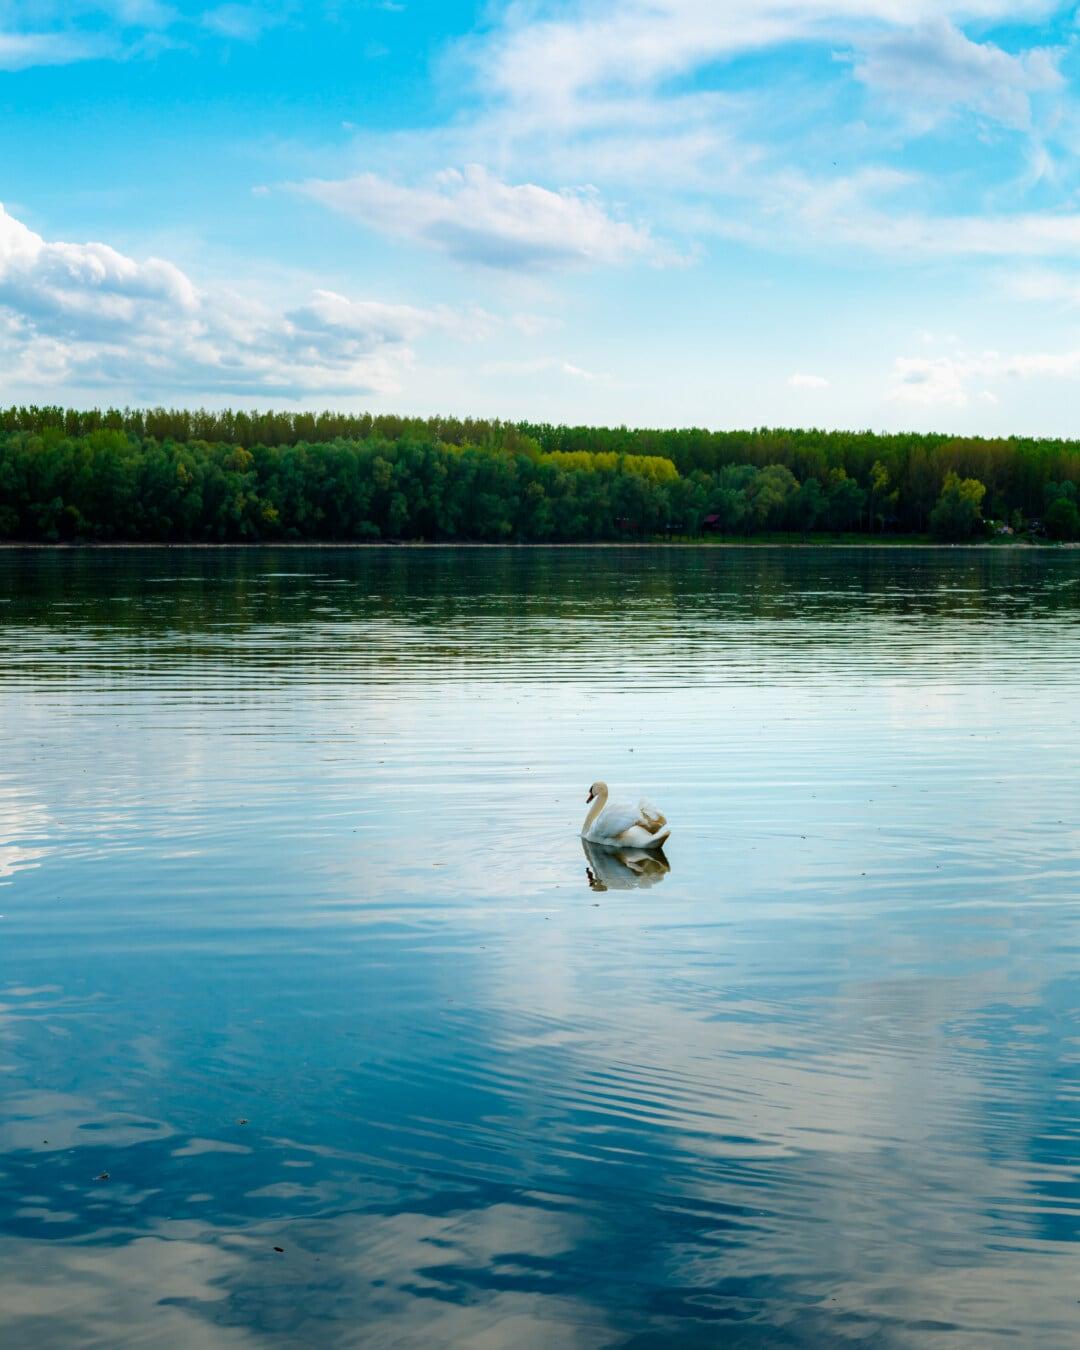 klid, atmosféra, jezera, labuť, voda, reflexe, pobřeží, jezero, řeka, příroda